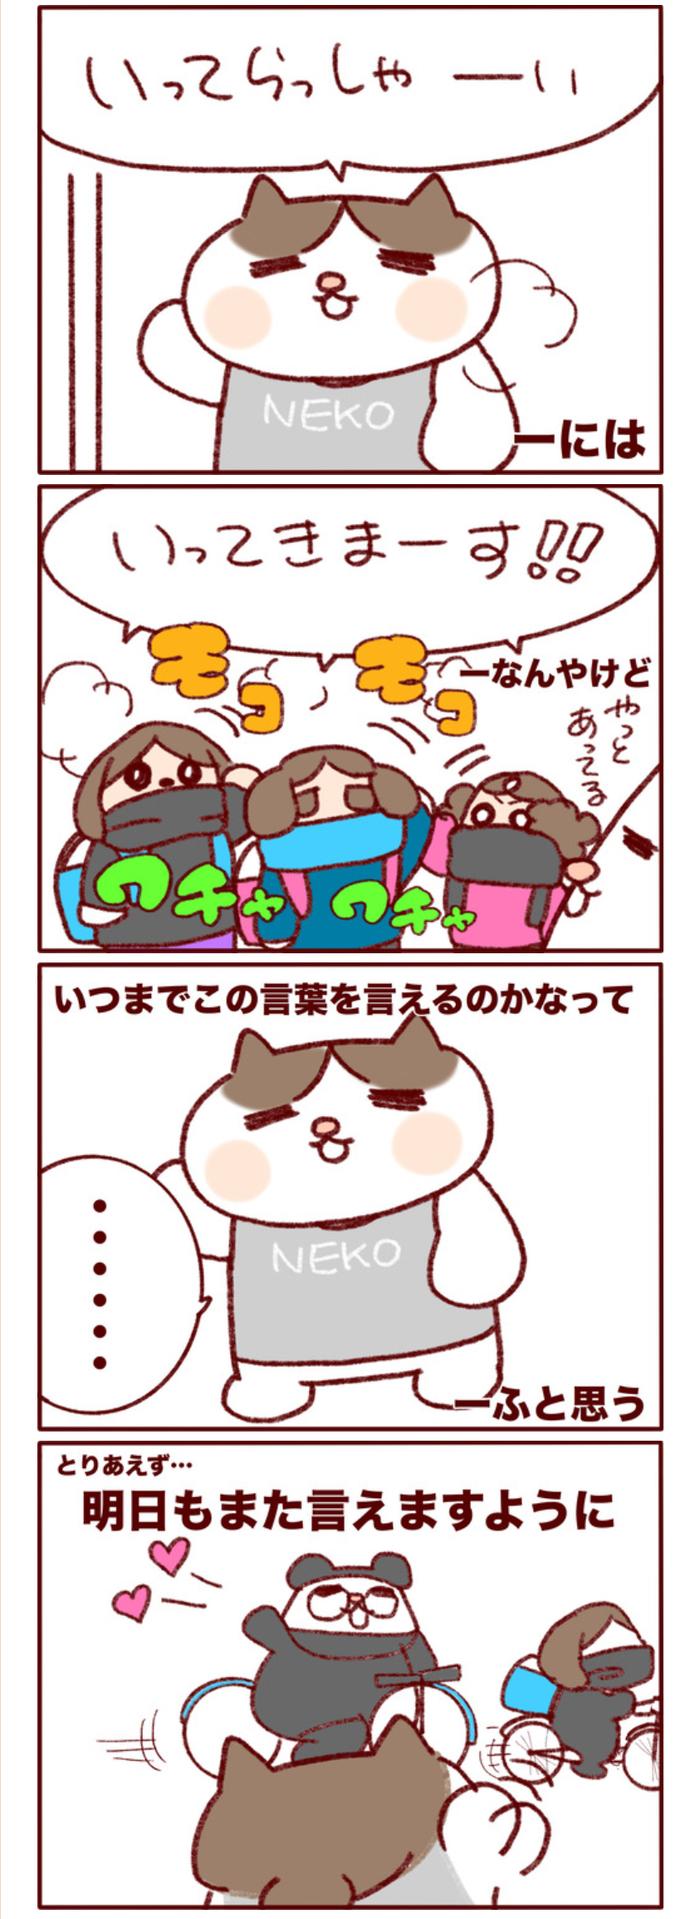 """「おかえりなさい」にどう応える…?日本✕ベルギーな娘の""""会話""""がカワイイ♡の画像4"""